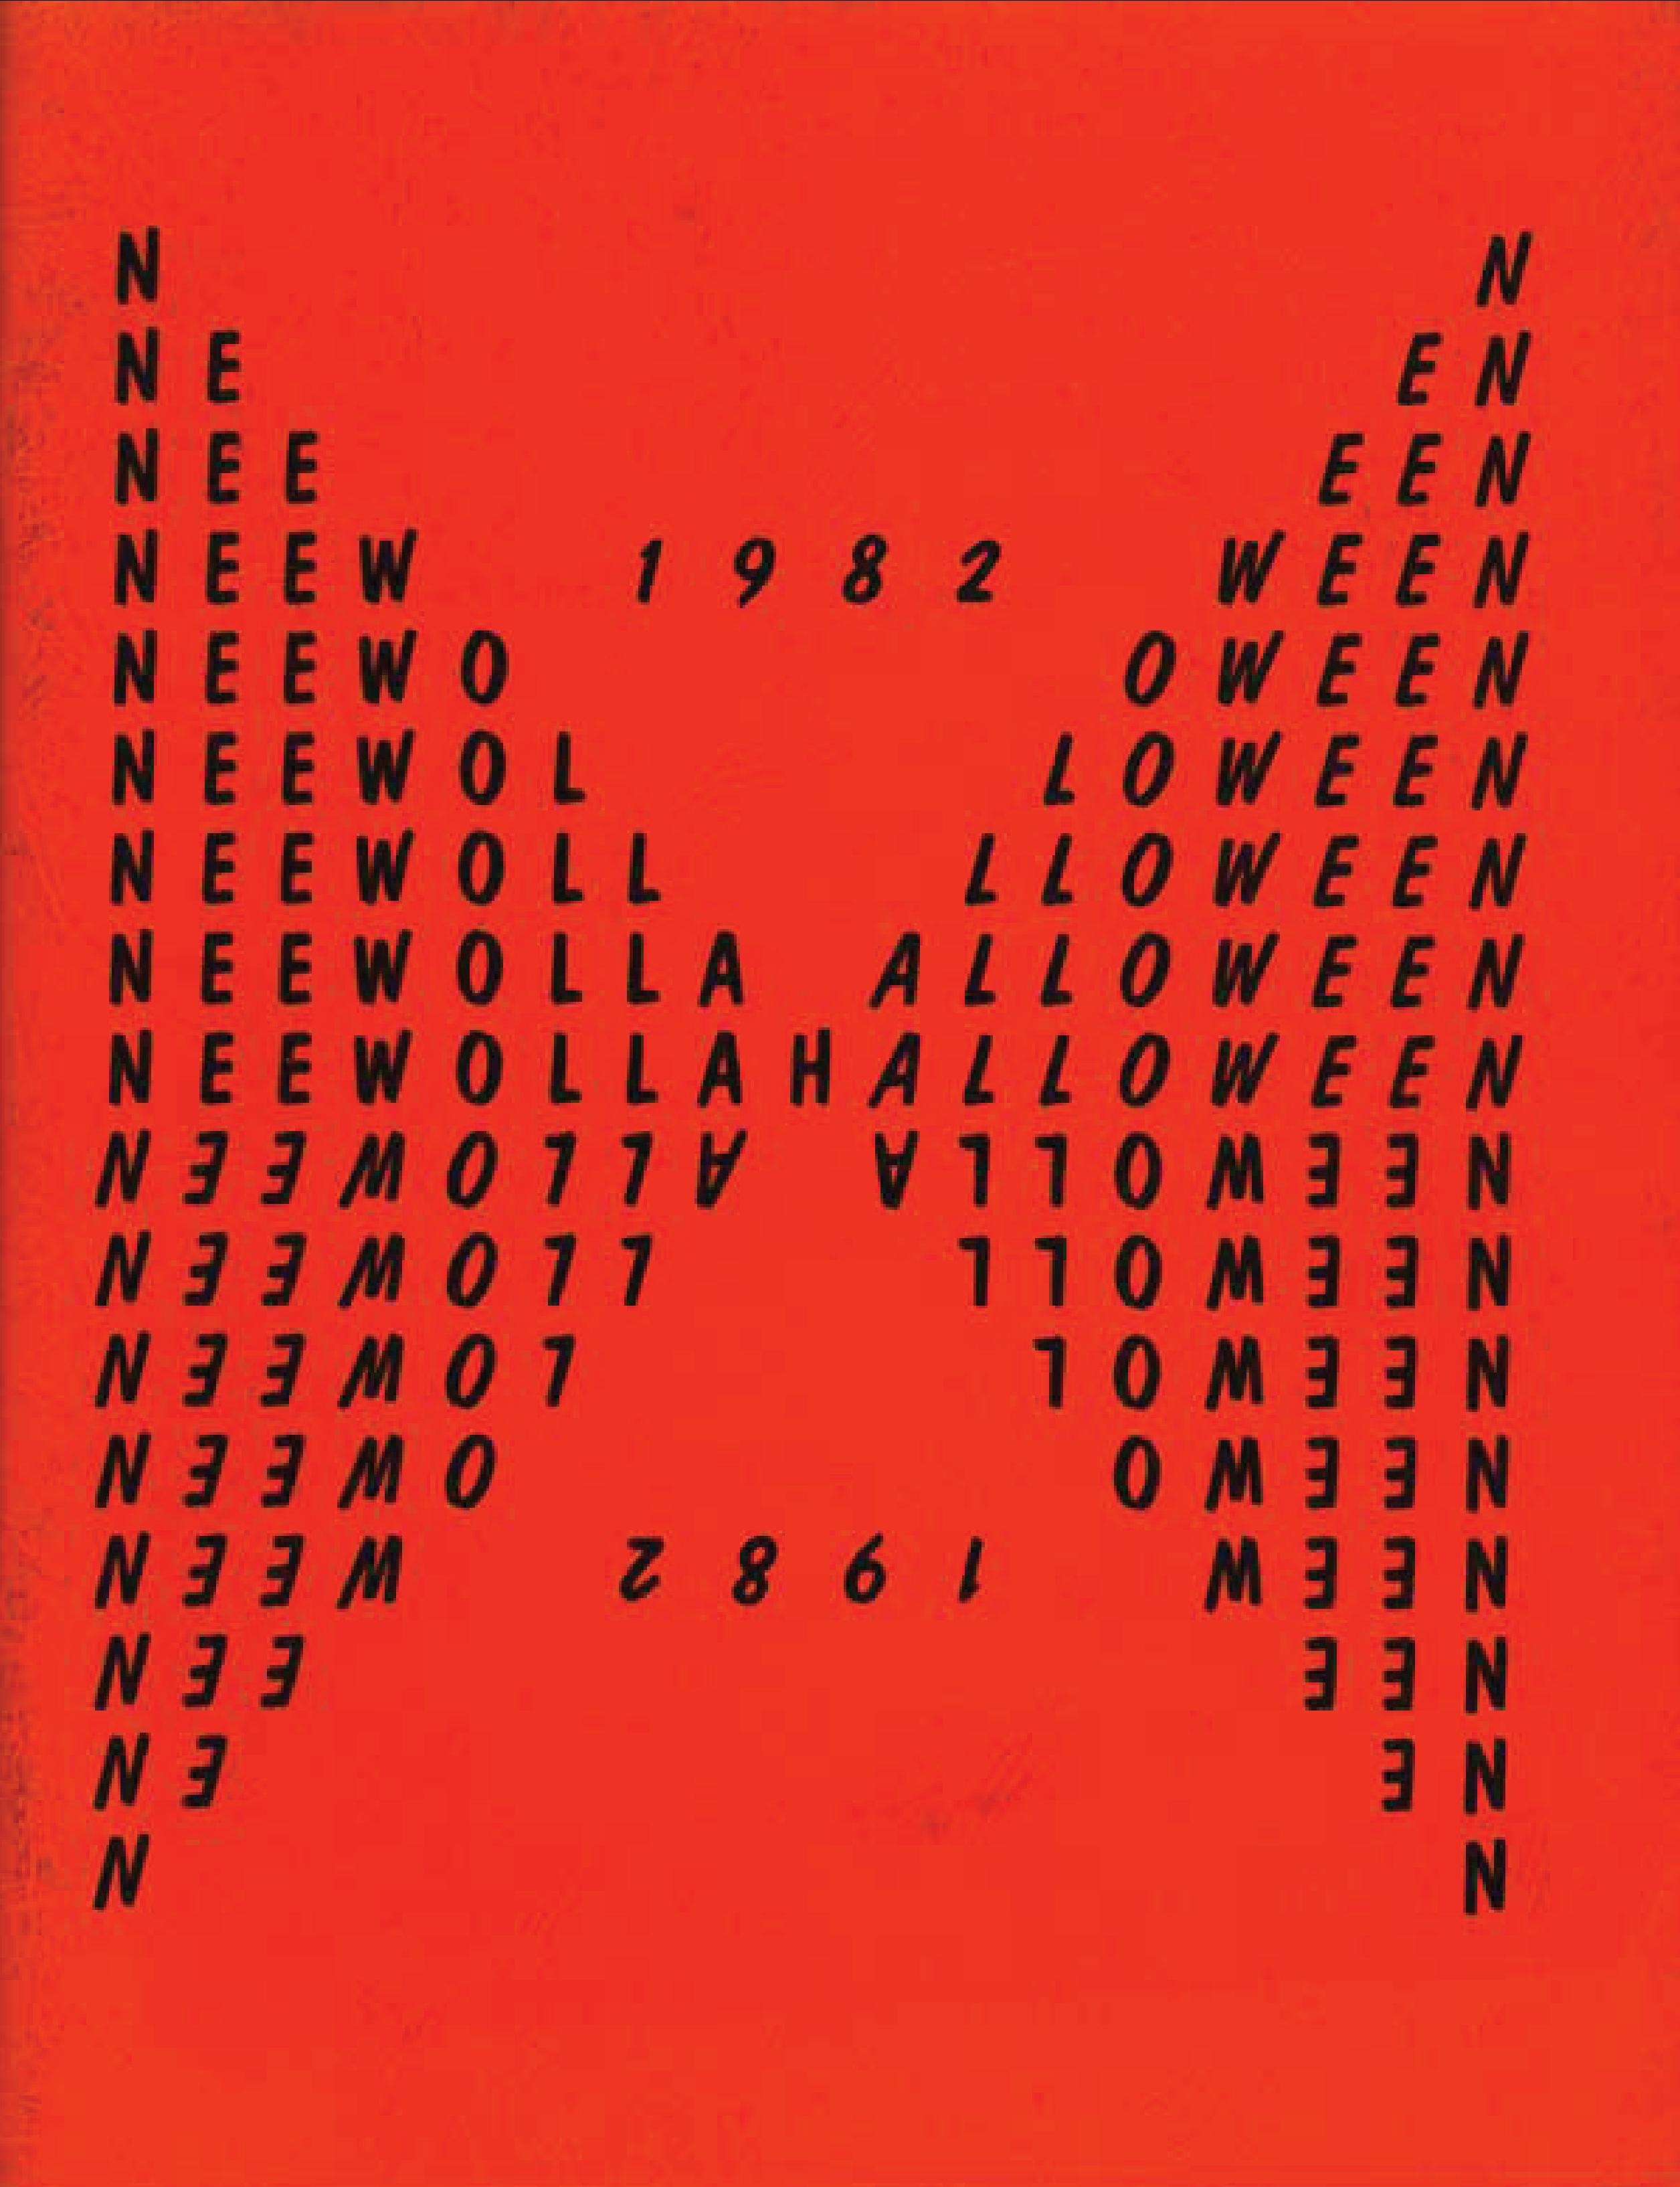 Neewollah 1982